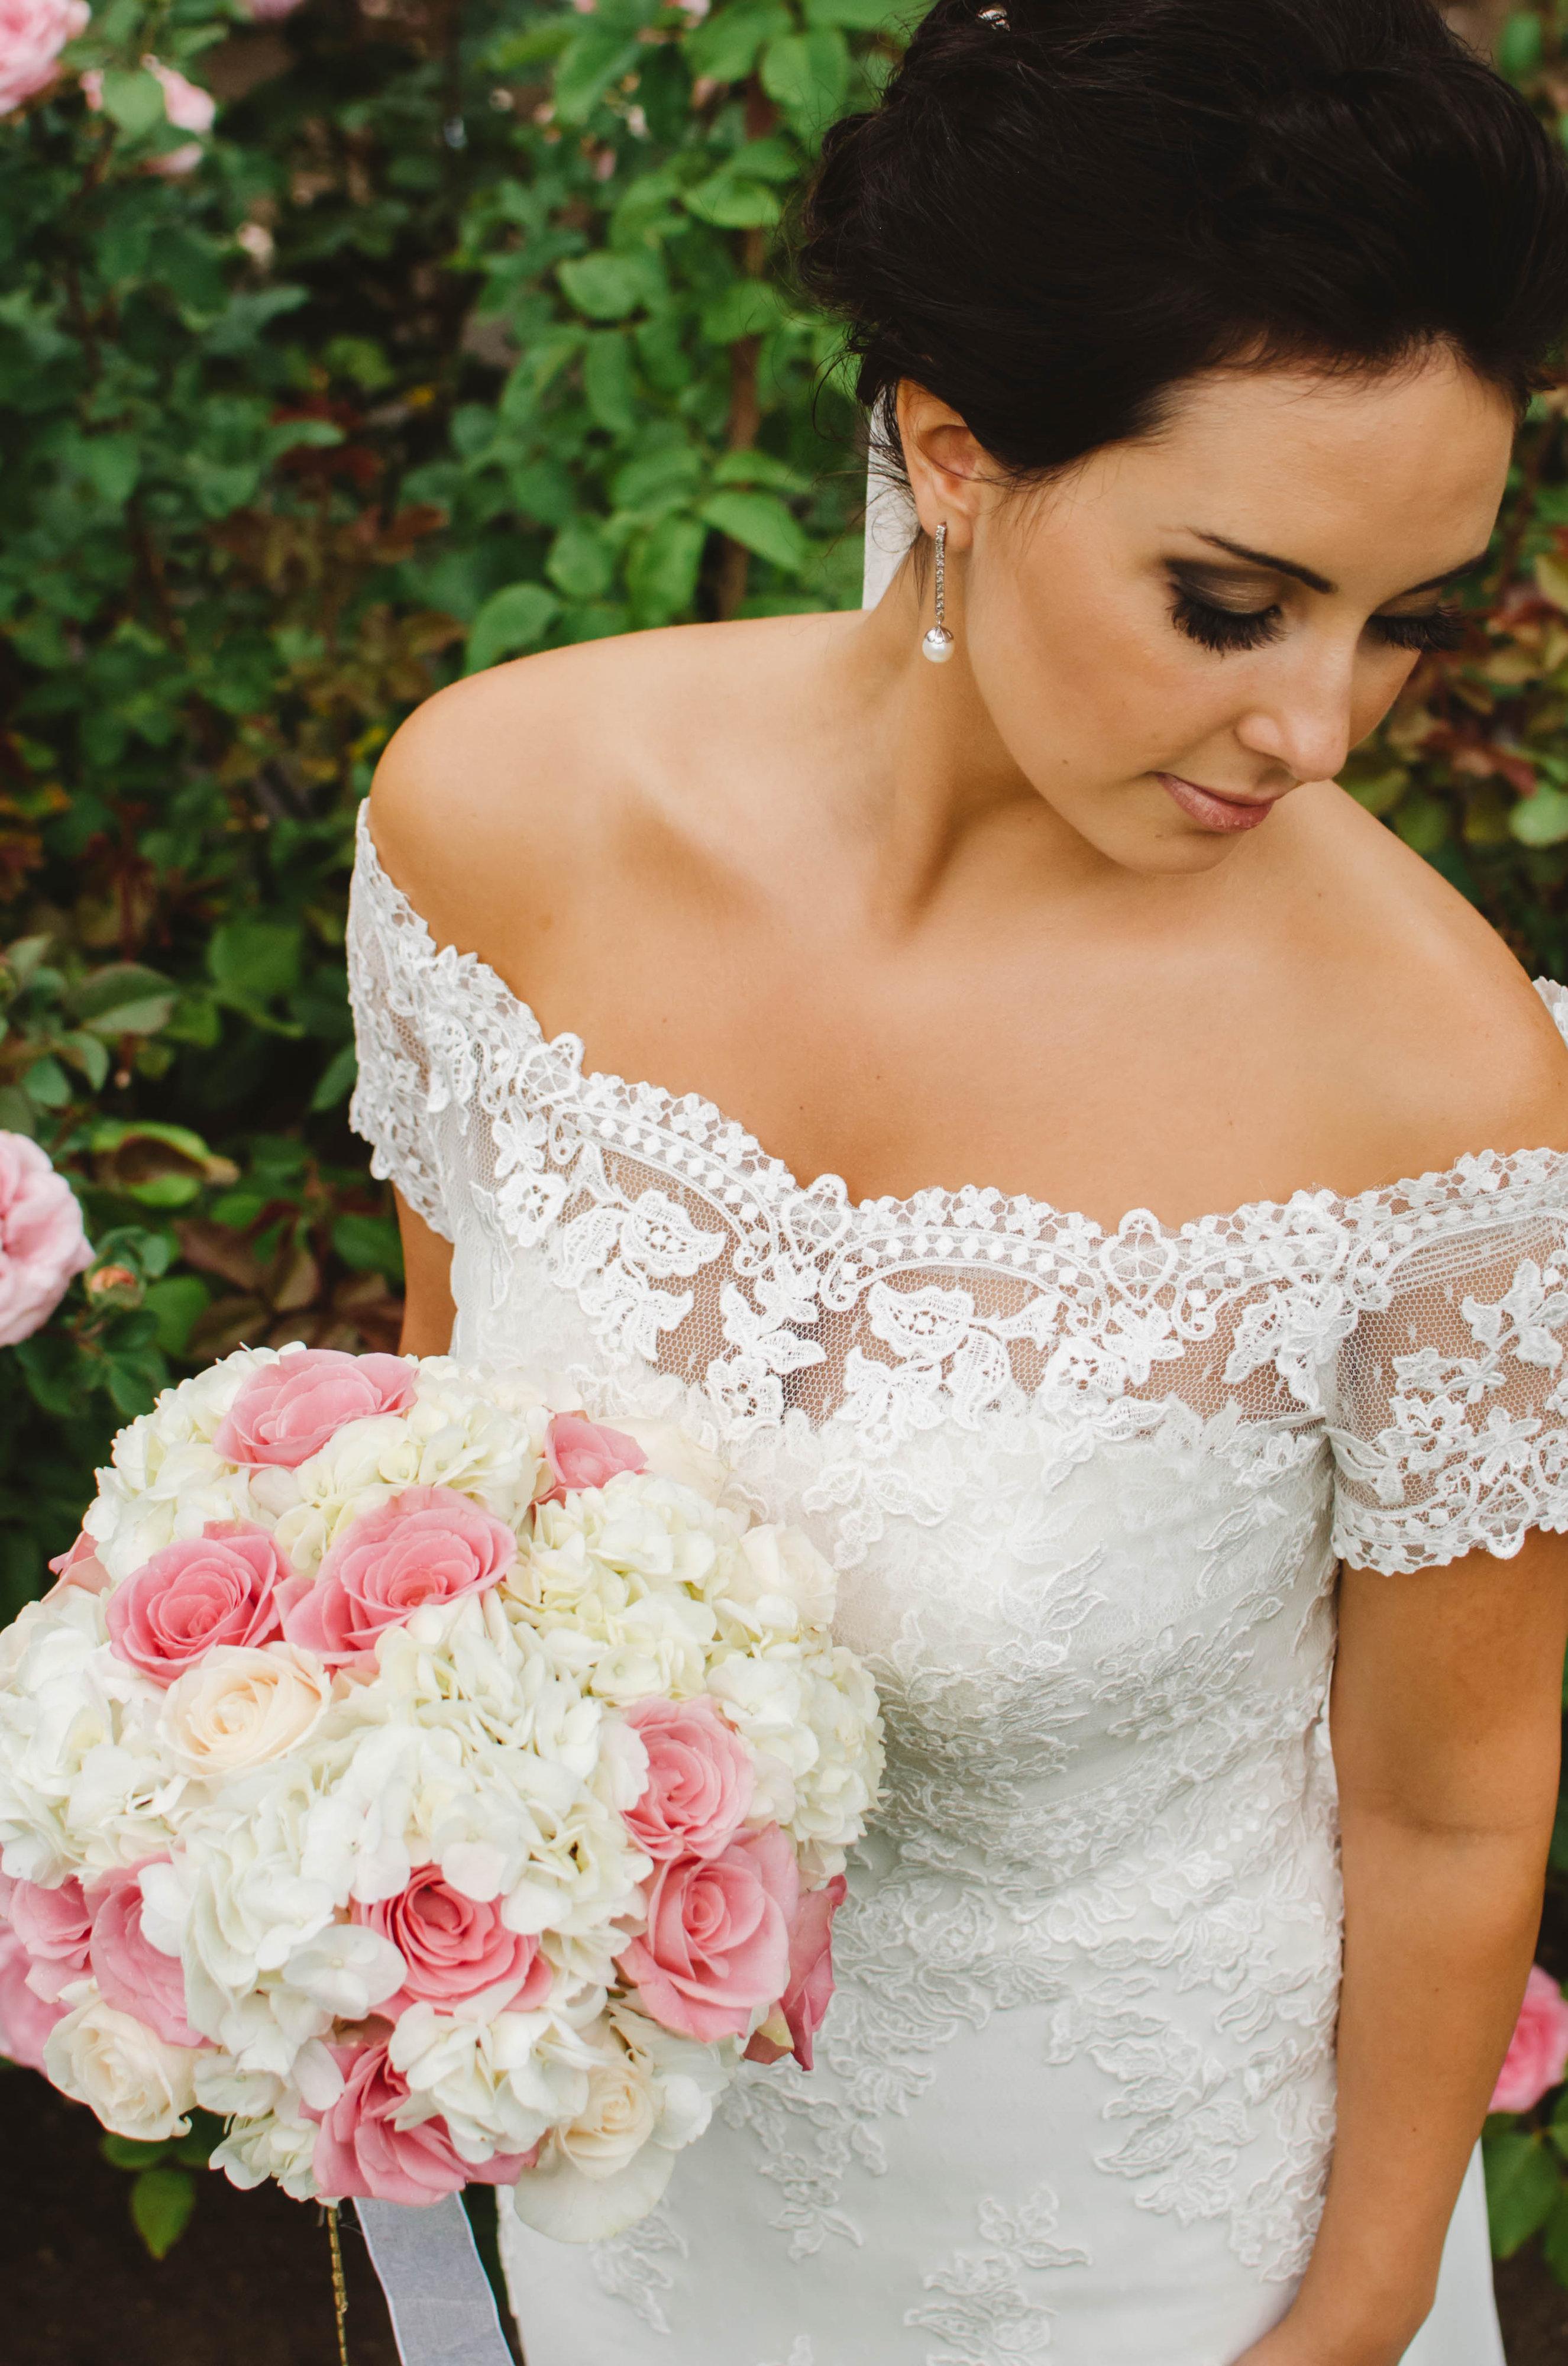 Bridal Lash Extensions Vancouver   Prép Beauty Parlour